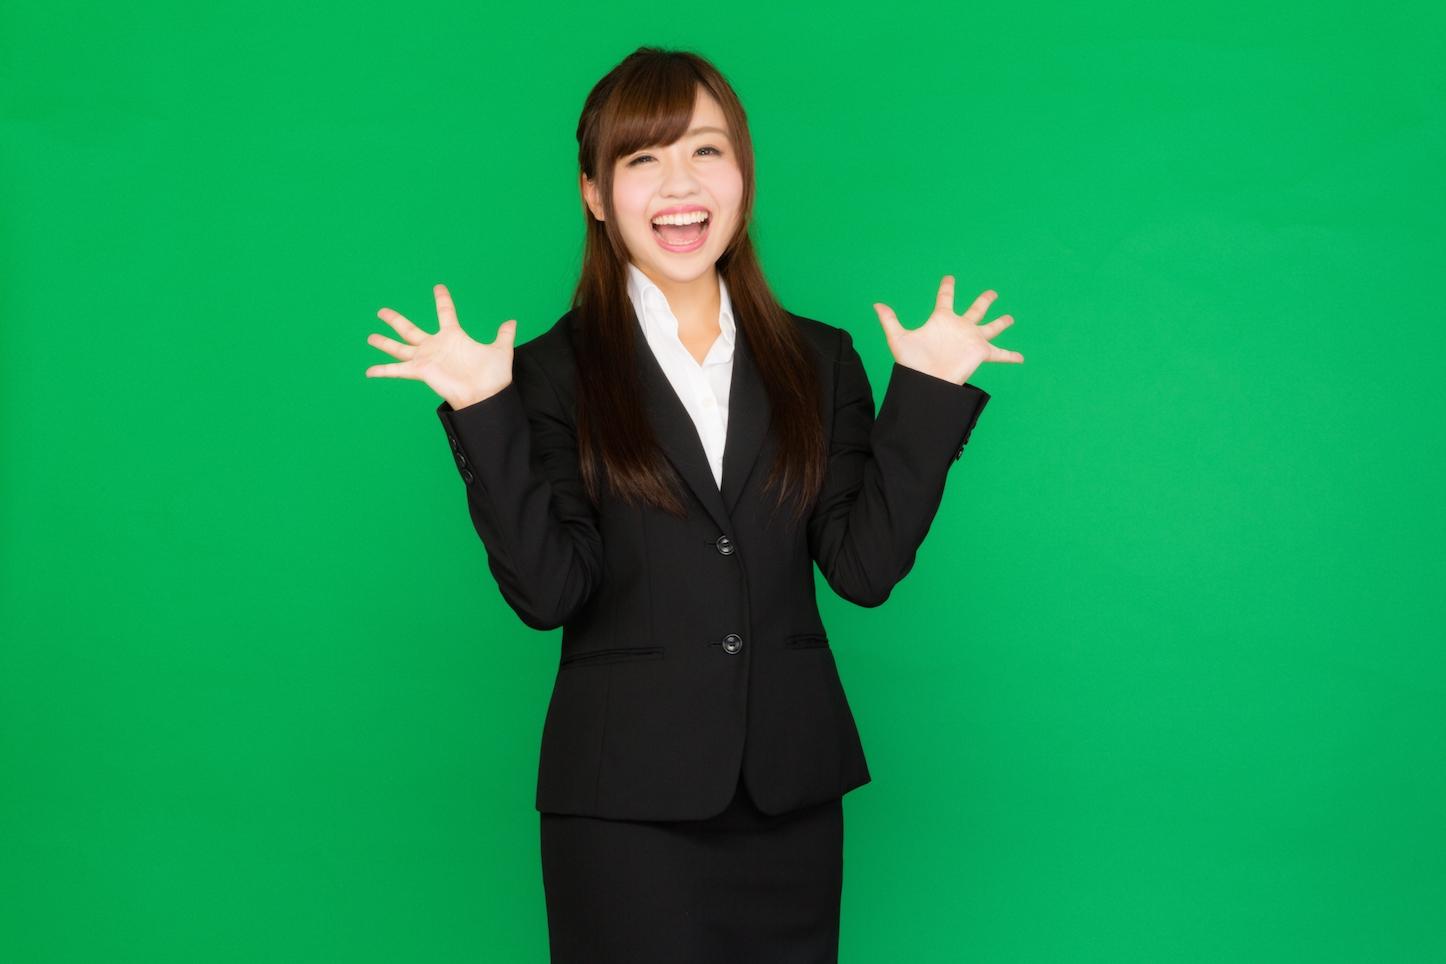 Yuka kawamura greenback